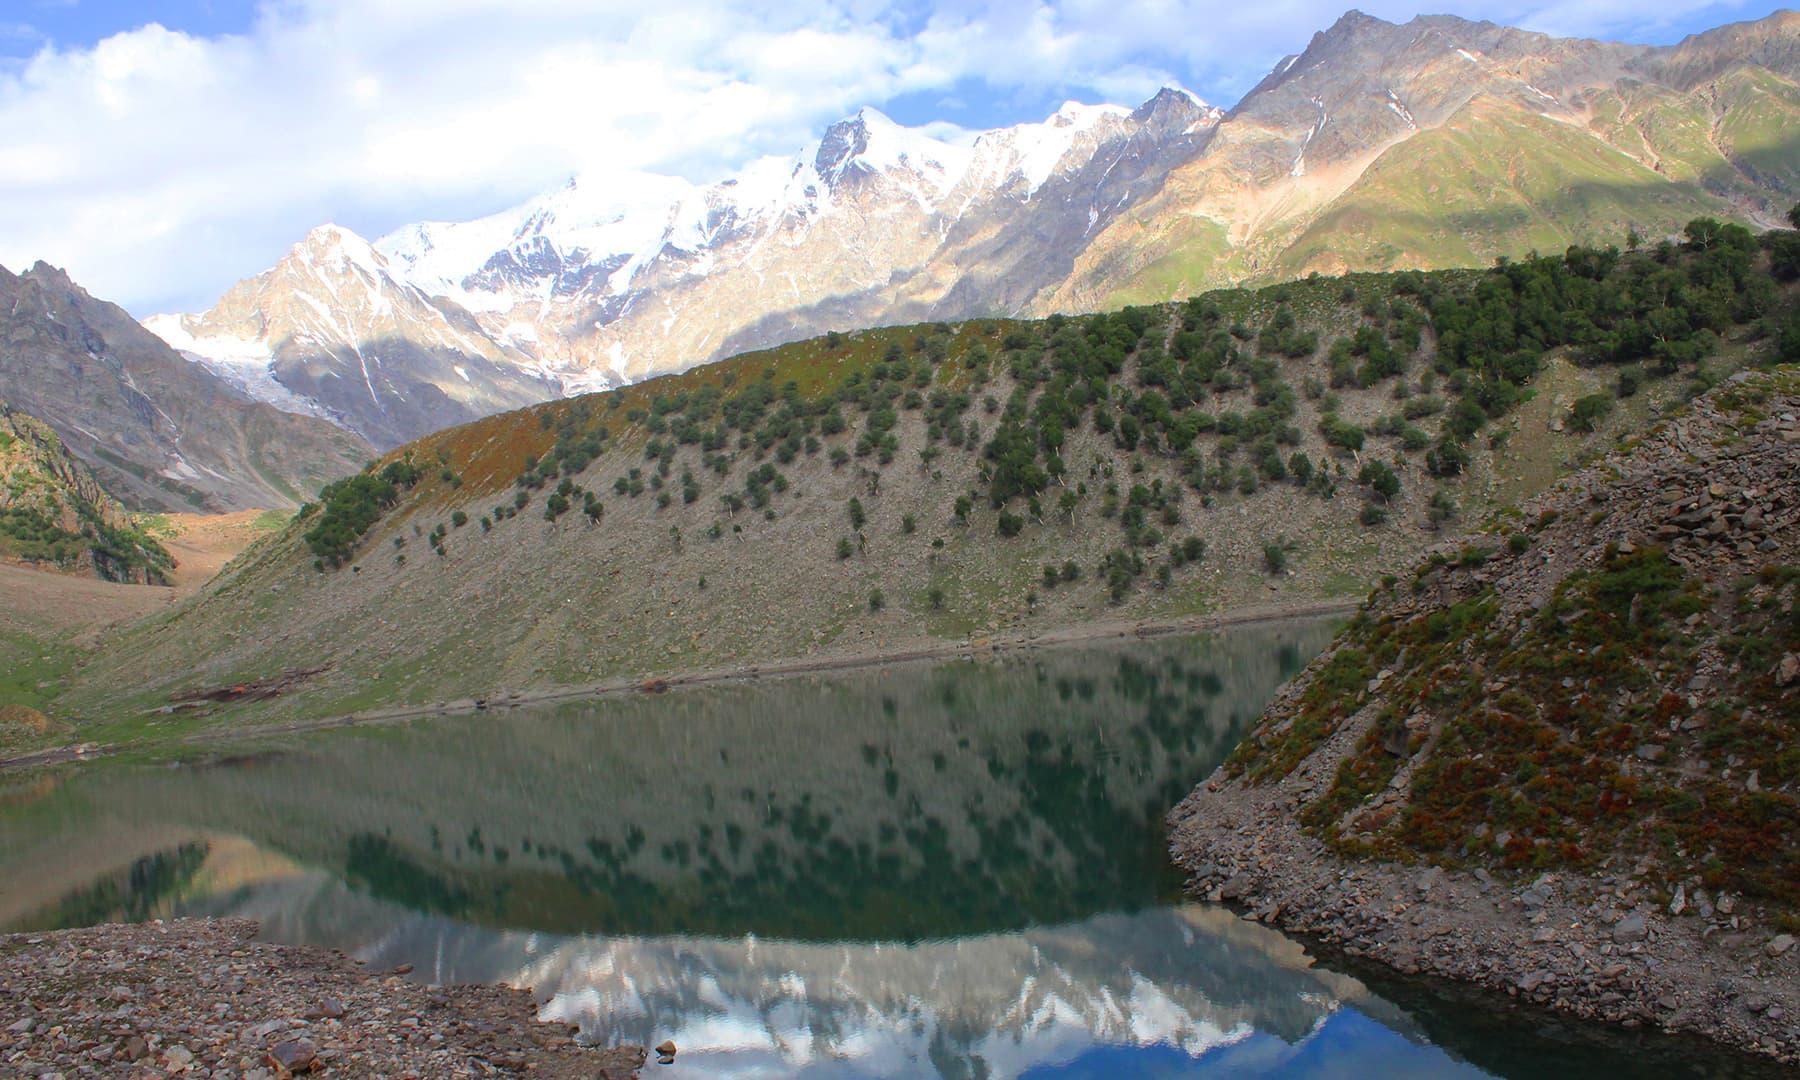 راما جھیل، قریب ایک چھوٹا سا پہاڑ، پیچھے نانگا پربت اور جھیل کے پرسکون پانیوں کا ایک منظر—تصویر عظمت اکبر